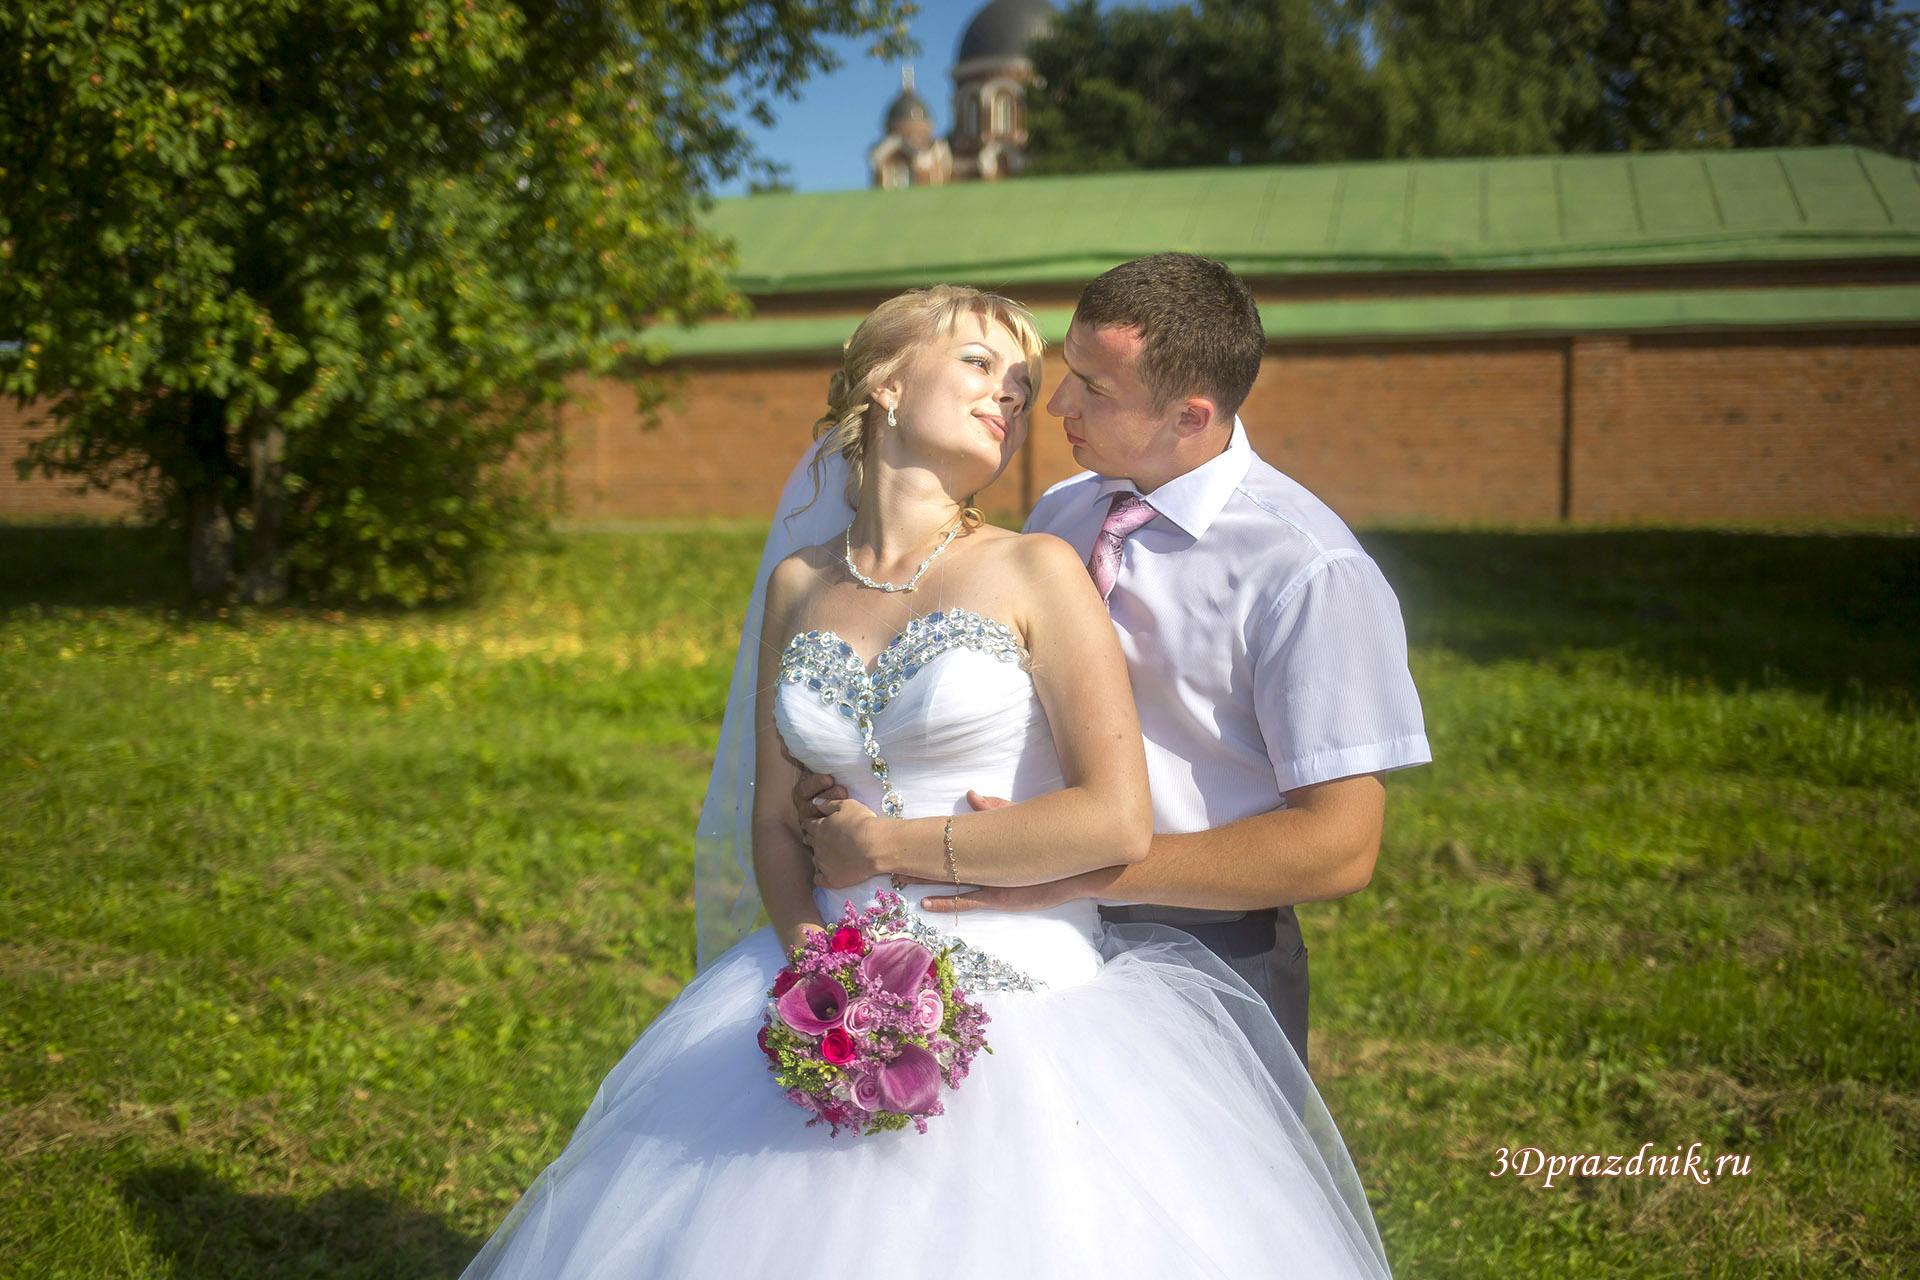 Сергей и Елена.